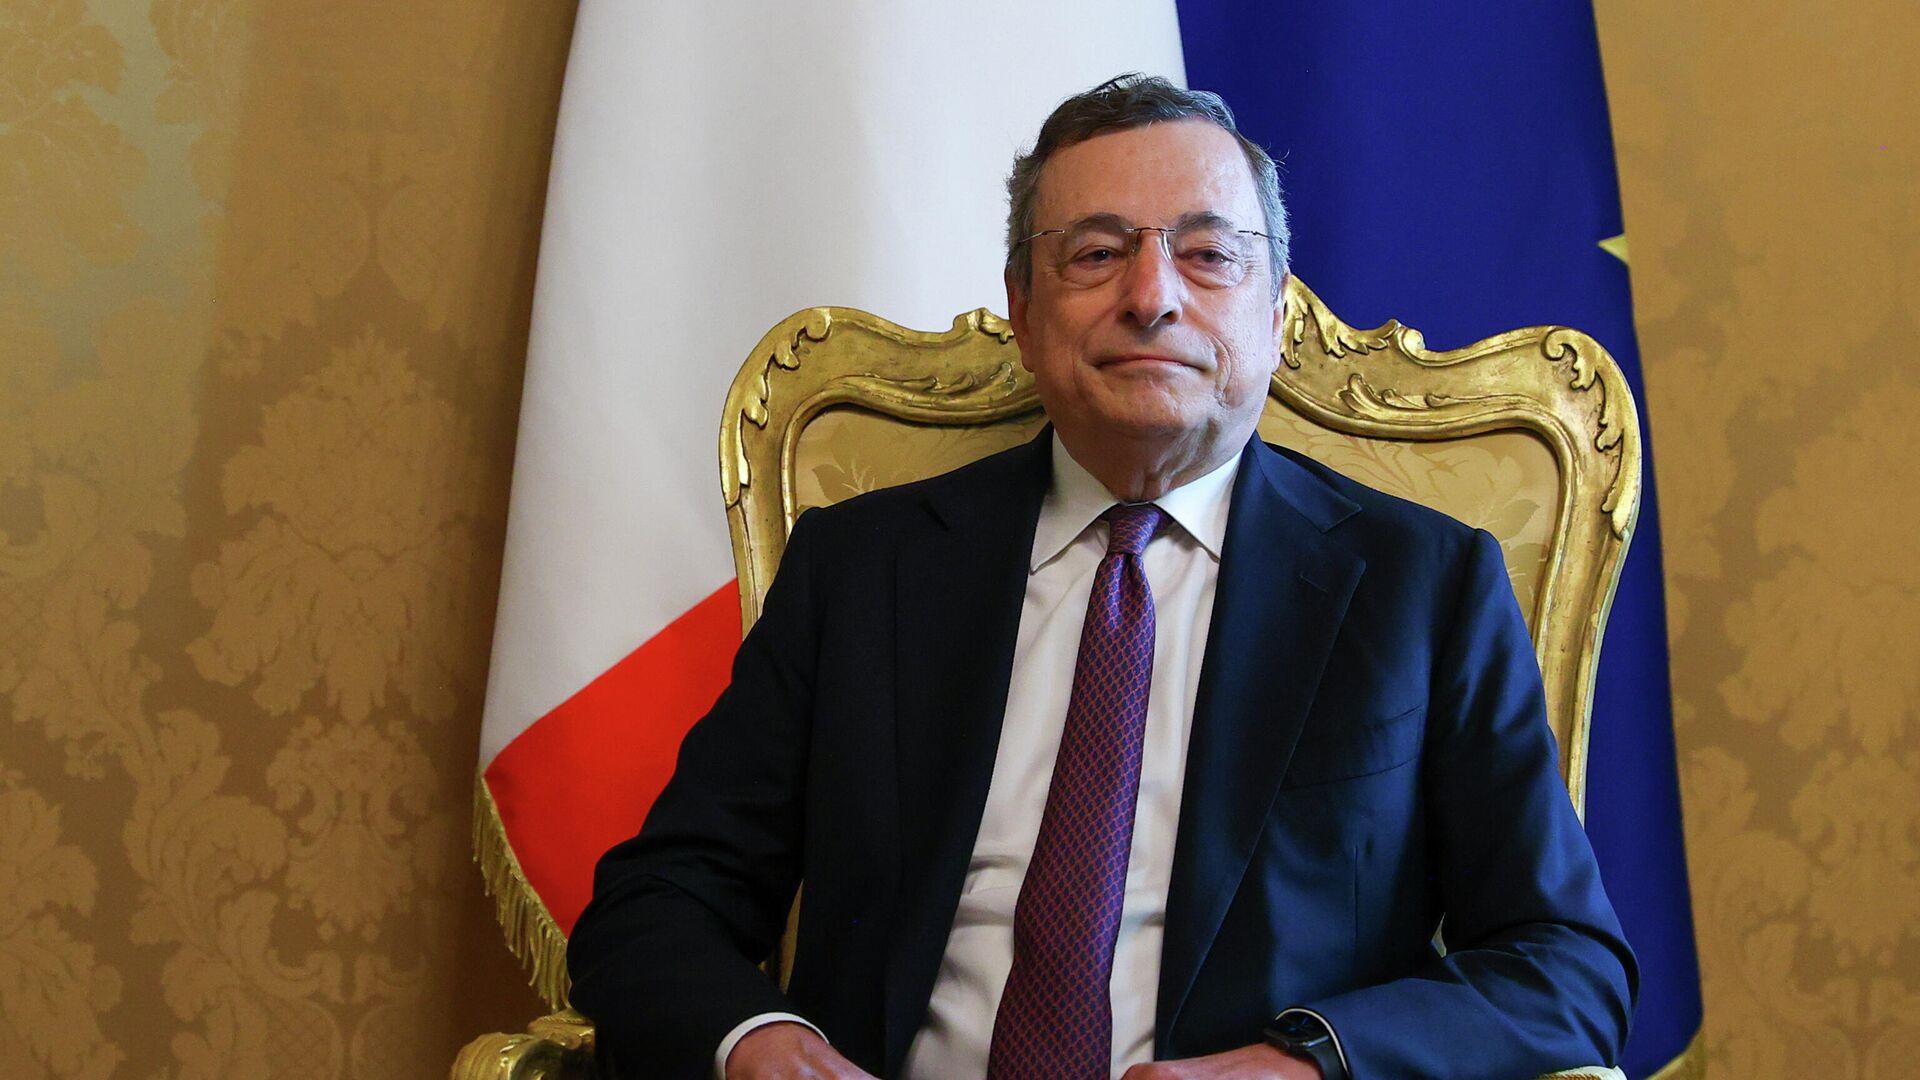 Il Presidente Mario Draghi ha incontrato il Ministro degli Affari Esteri della Federazione Russa, Sergey Lavrov, a Palazzo Chigi - Sputnik Italia, 1920, 24.09.2021